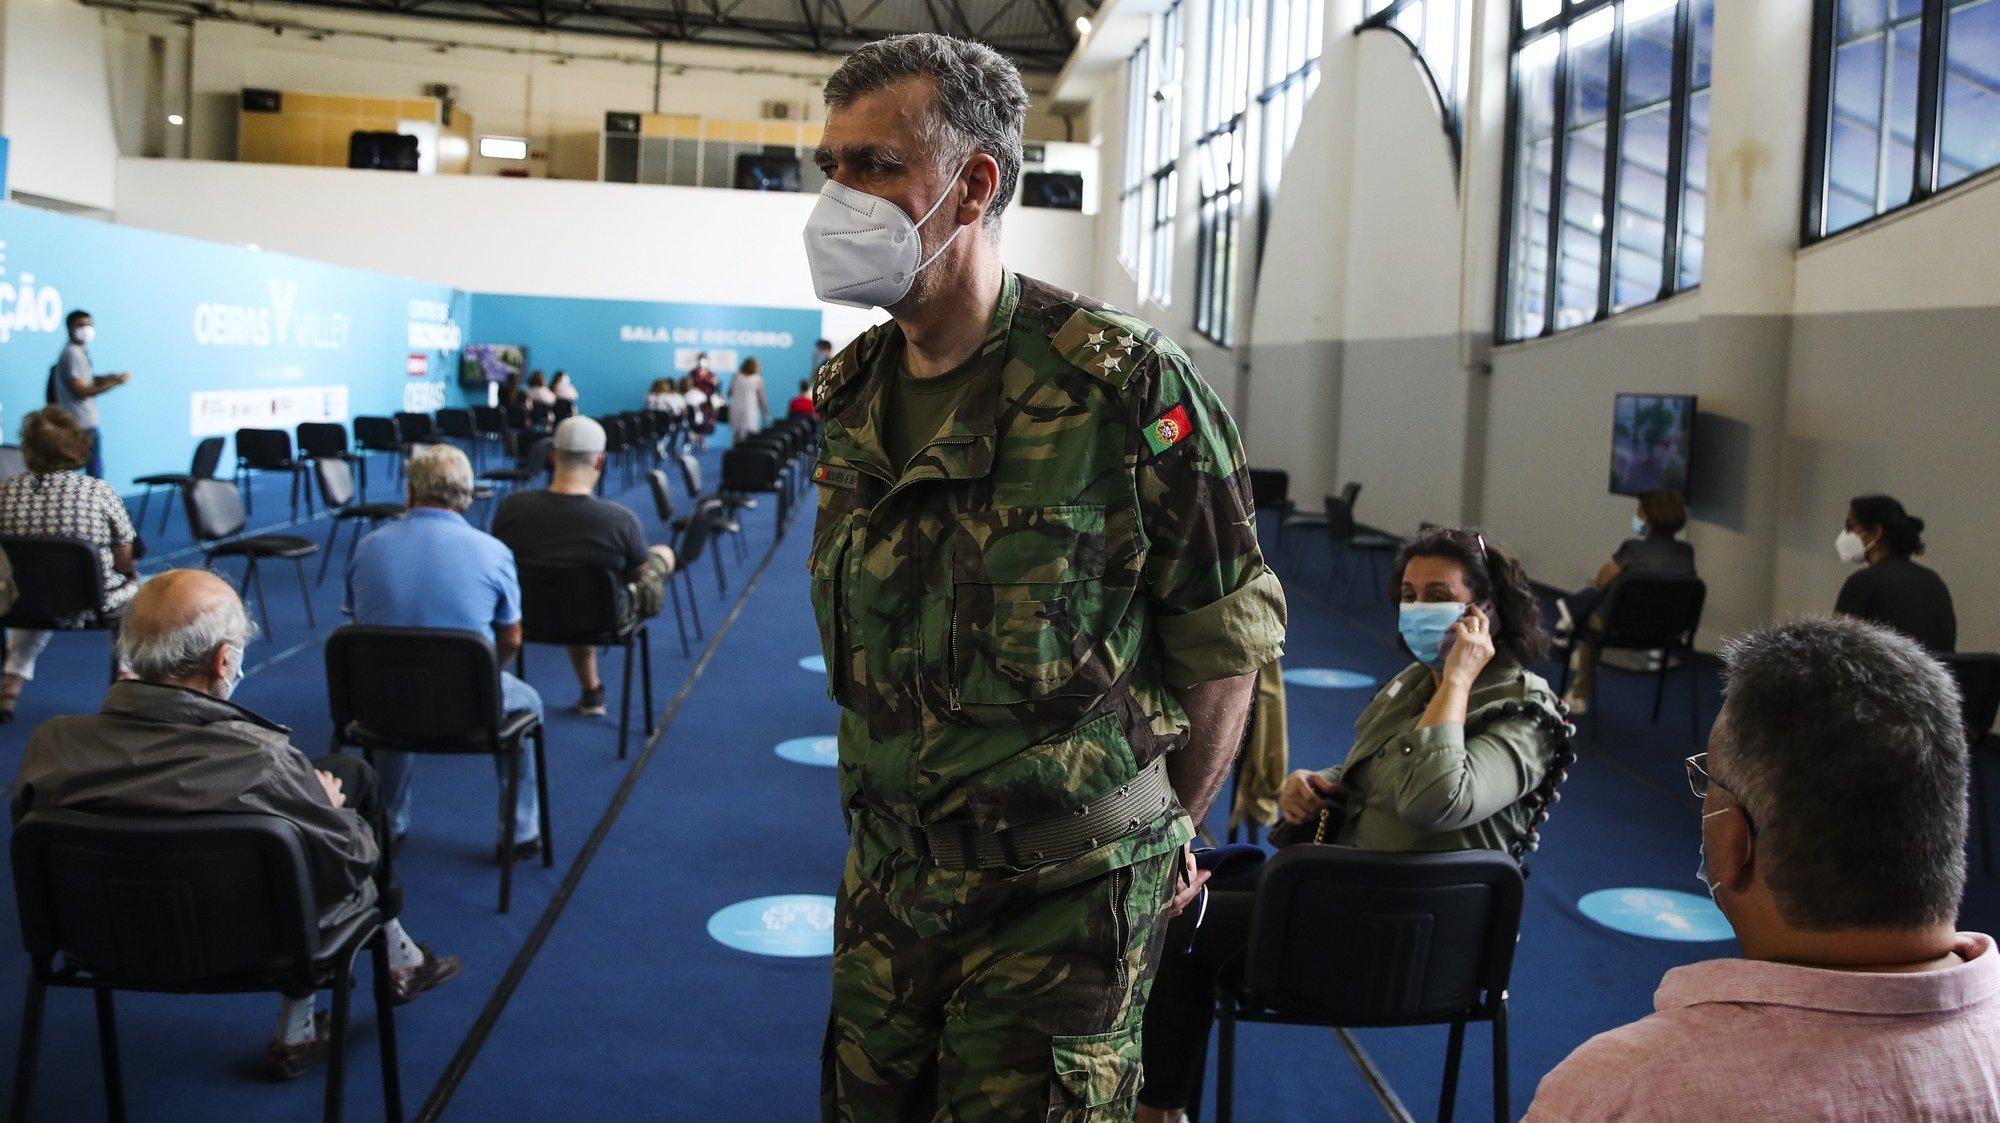 O coordenador da 'task force' vice-almirante Henrique Gouveia e Melo, durante a visita o centro de vacinação contra a covid-19 no Parque Desportivo Carlos Queiróz em Carnaxide, 5 de julho de 2021. MANUEL DE ALMEIDA/LUSA